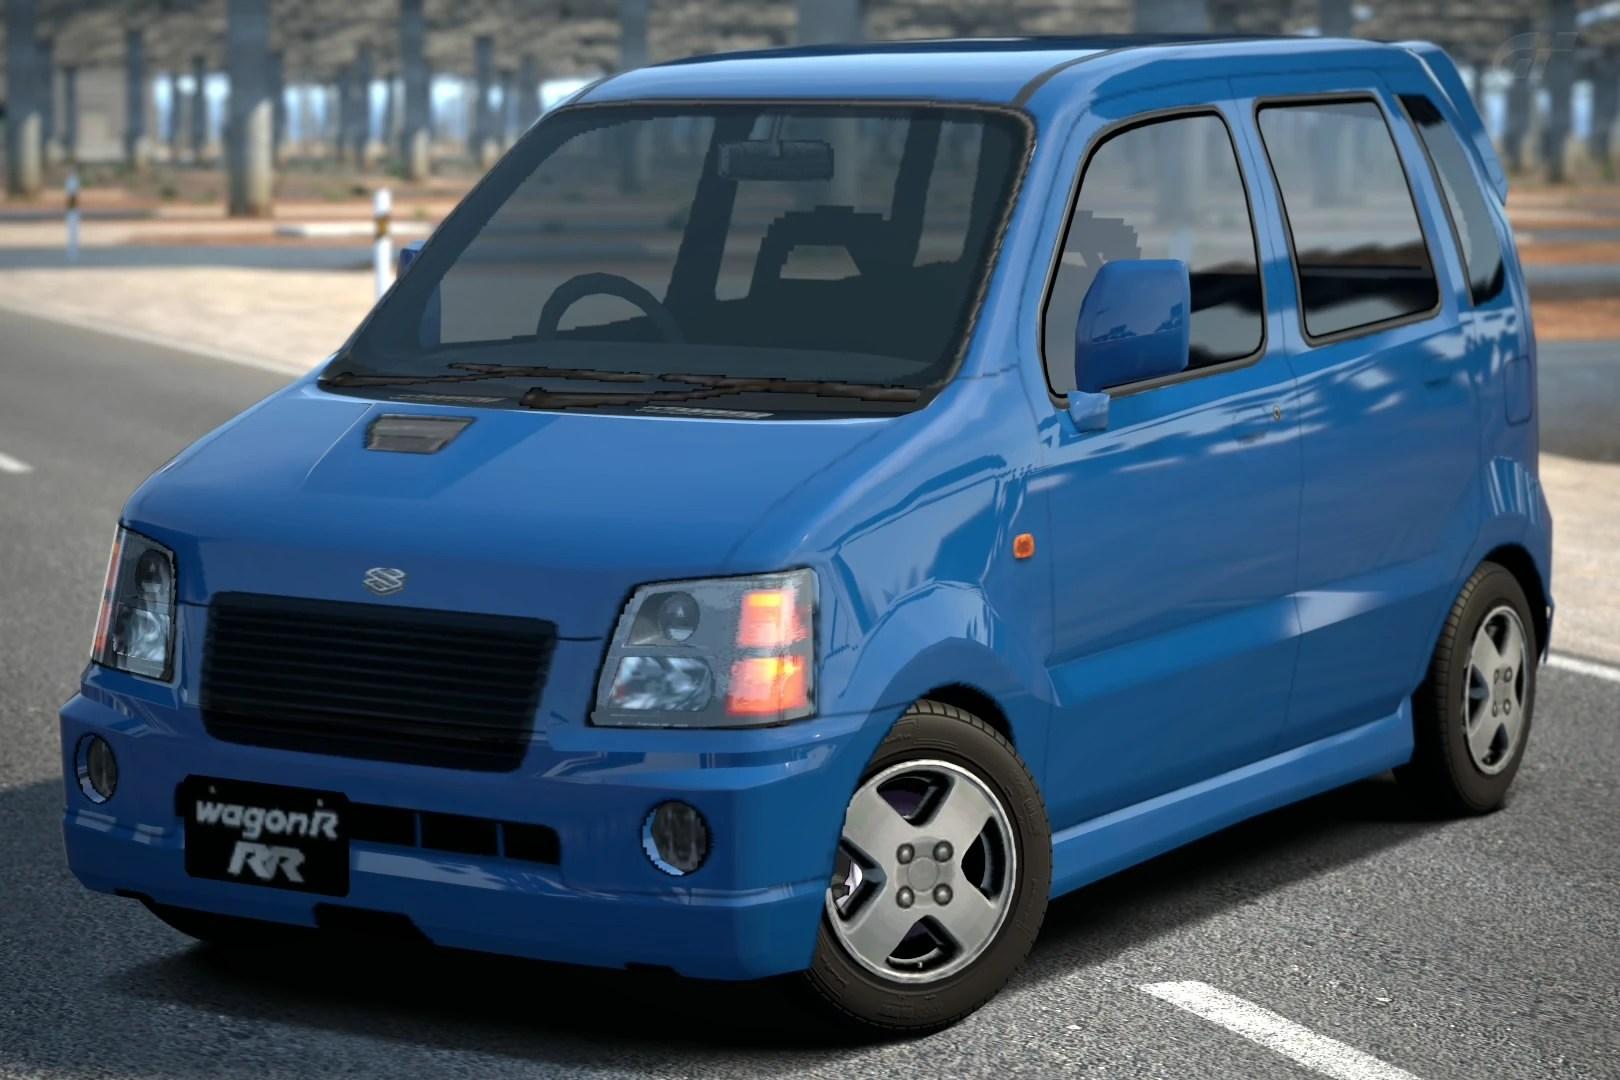 suzuki wagon r rr 98 [ 1620 x 1080 Pixel ]